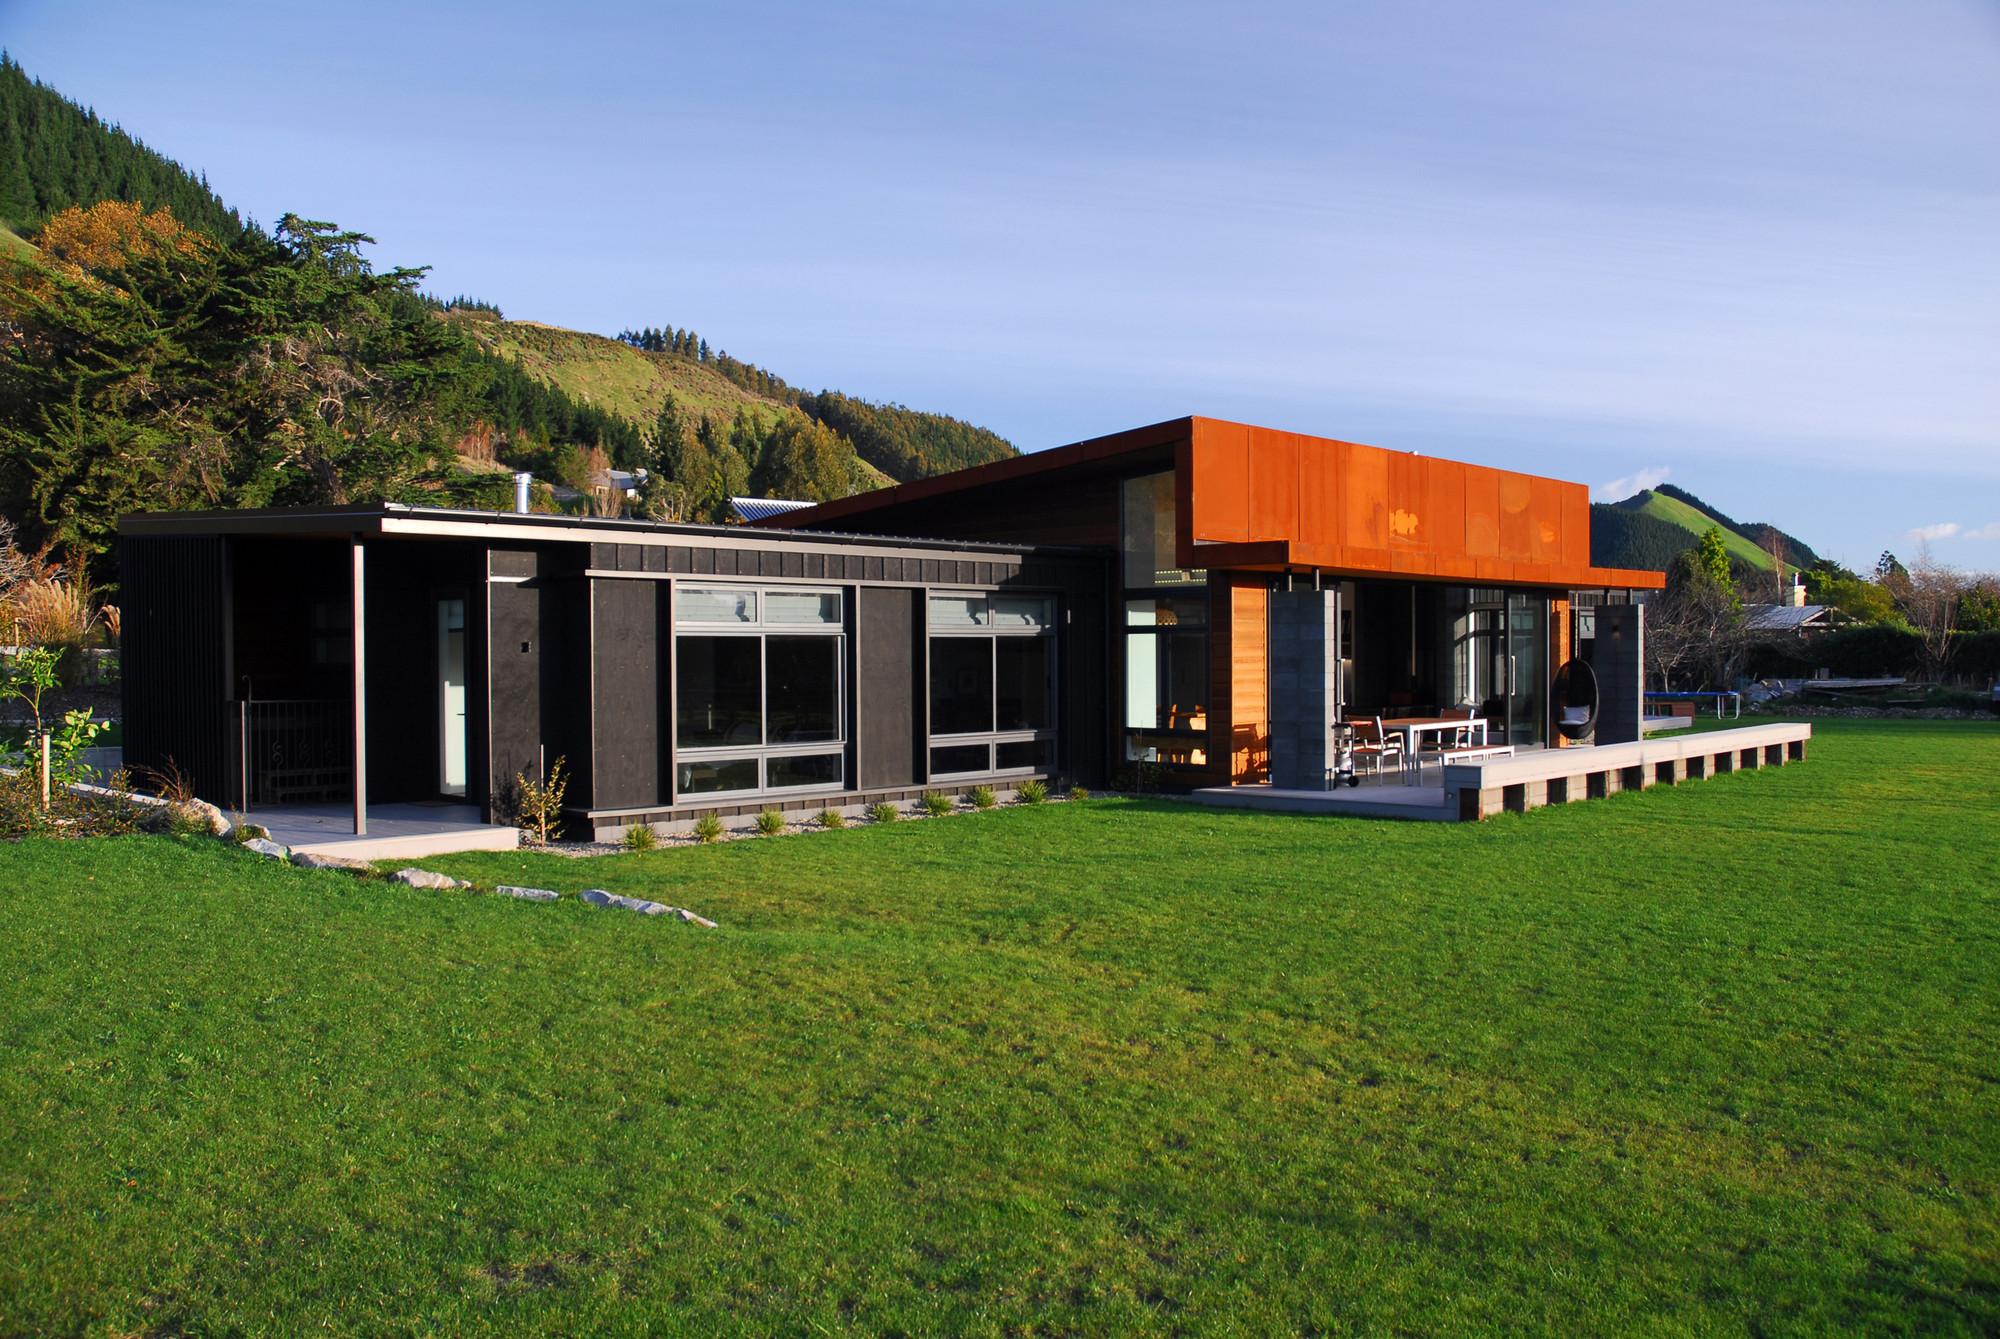 Radman Brown House / Guy Herschell Architects, © Guy Herschell